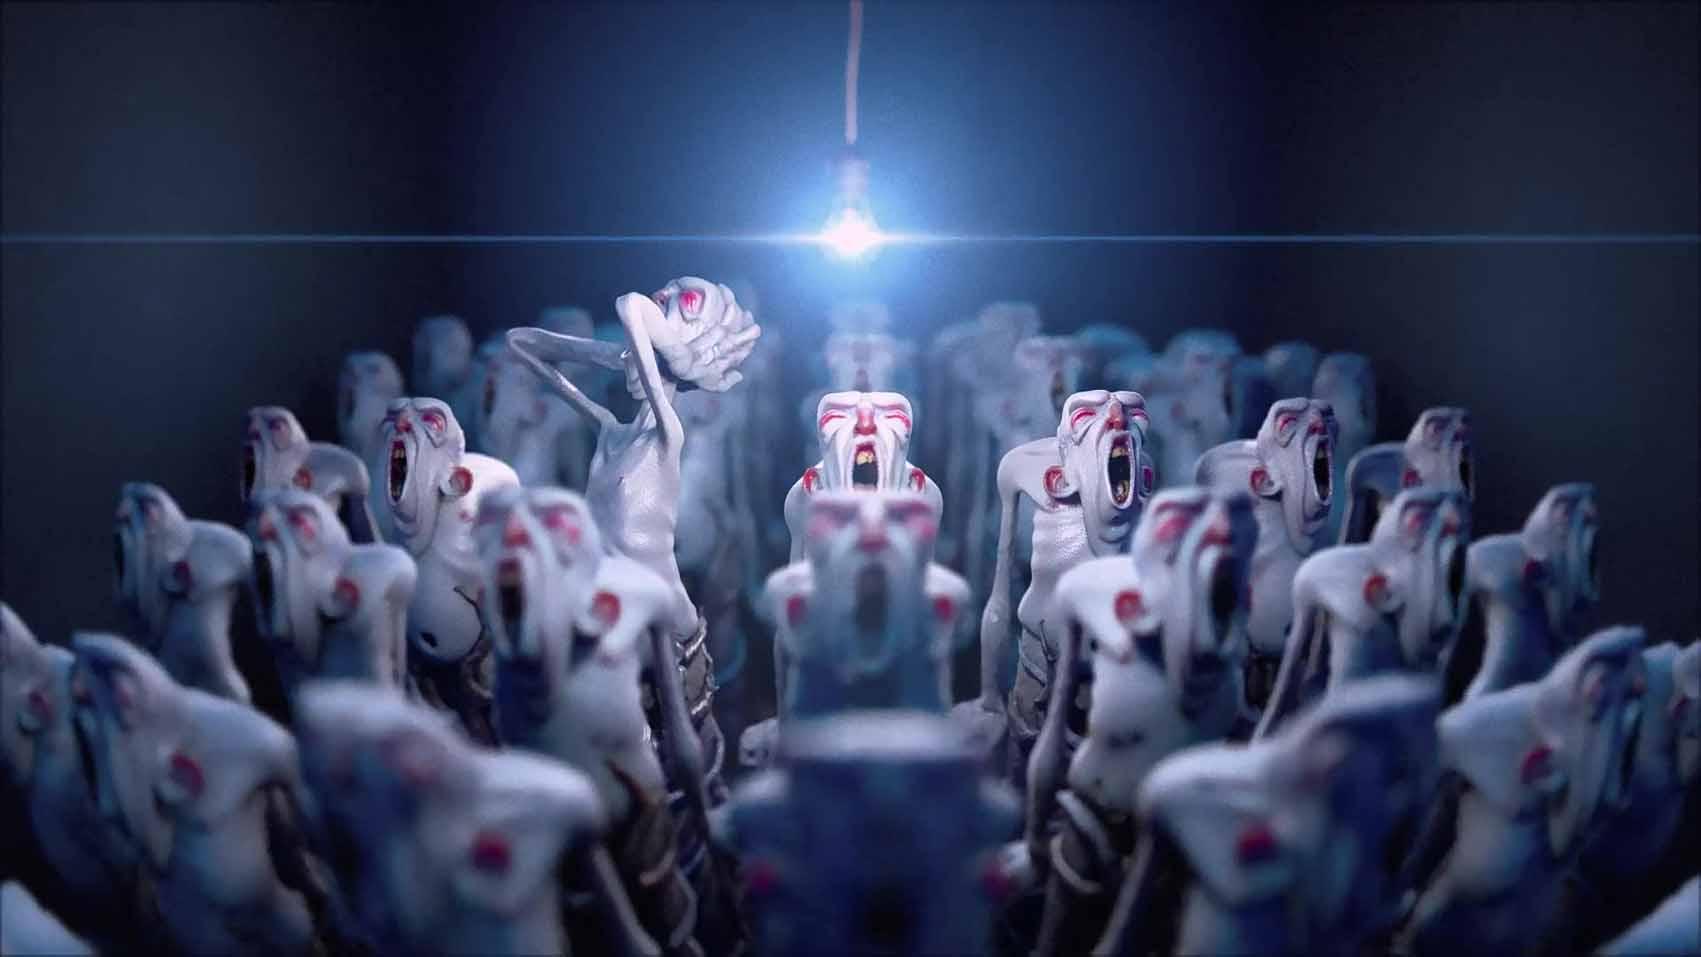 ¿Qué significa ser humano en la era digital? Artes & contextos Image The Box Dusan Kastelic 3